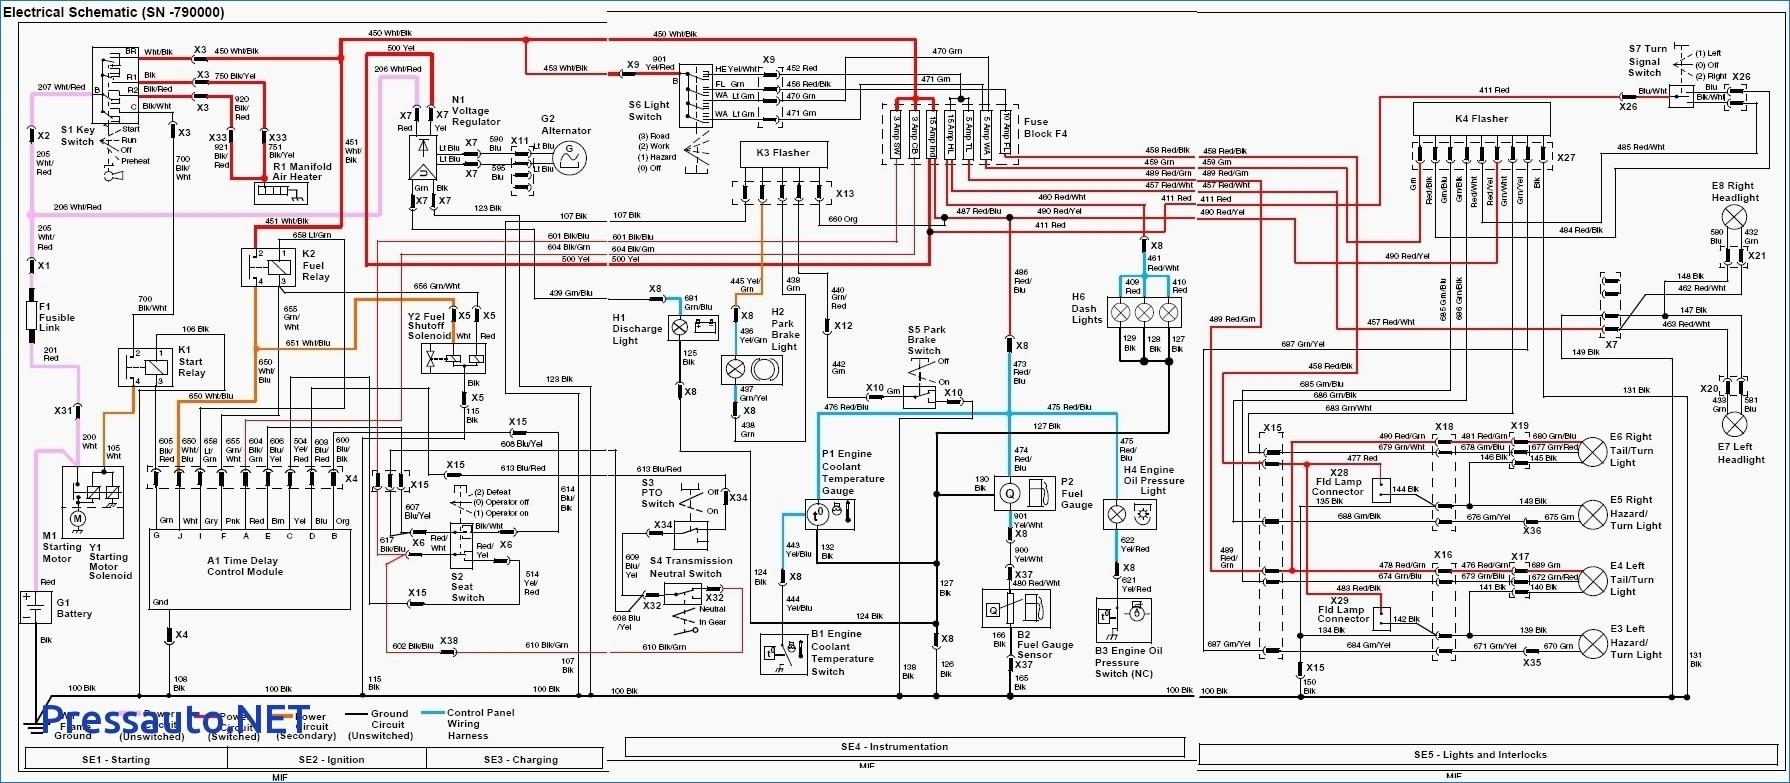 john deere x485 wiring diagram schematic wiring schematic diagram John Deere X485 Fuse Diagram z445 wiring diagram wiring diagram john deere x740 wiring diagram john deere 345 wiring harness schematic